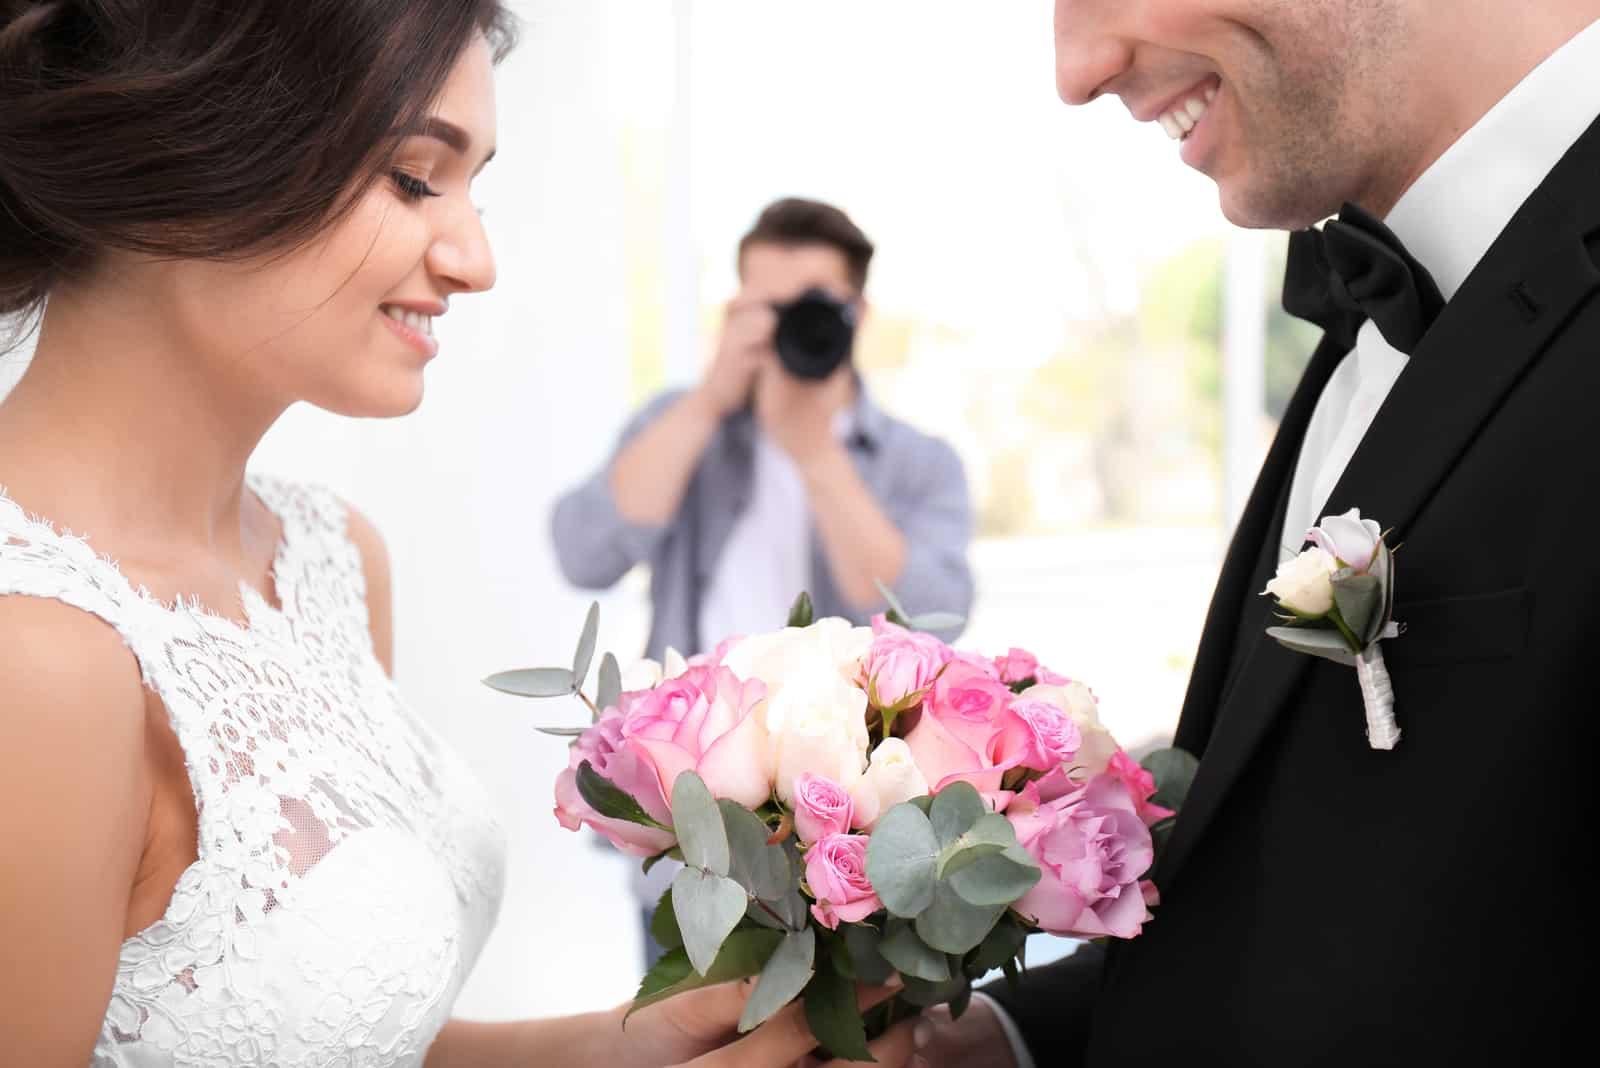 Fotograf macht Foto von Hochzeitspaar